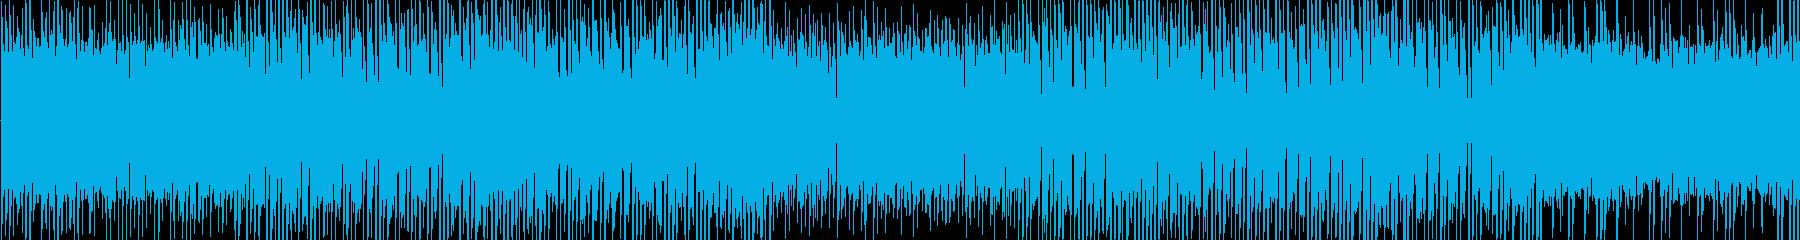 レトロ感の漂う宇宙的なテクノの再生済みの波形